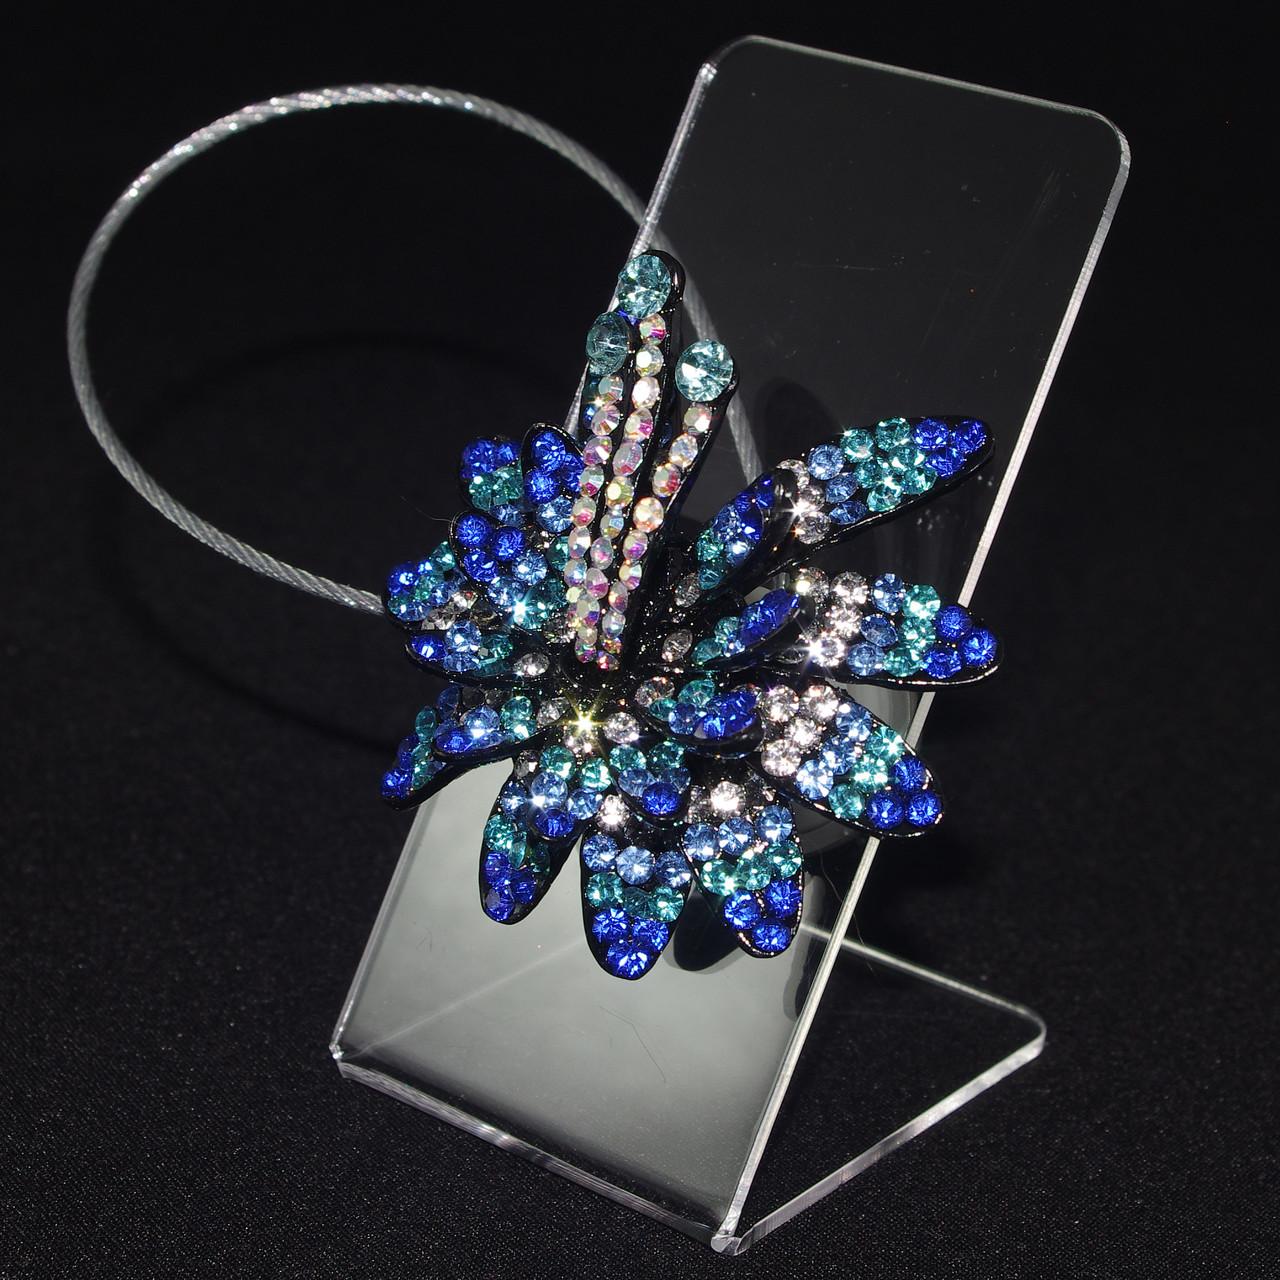 Декоративнный магнит подхват для штор и тюлей аксессуар  57-102